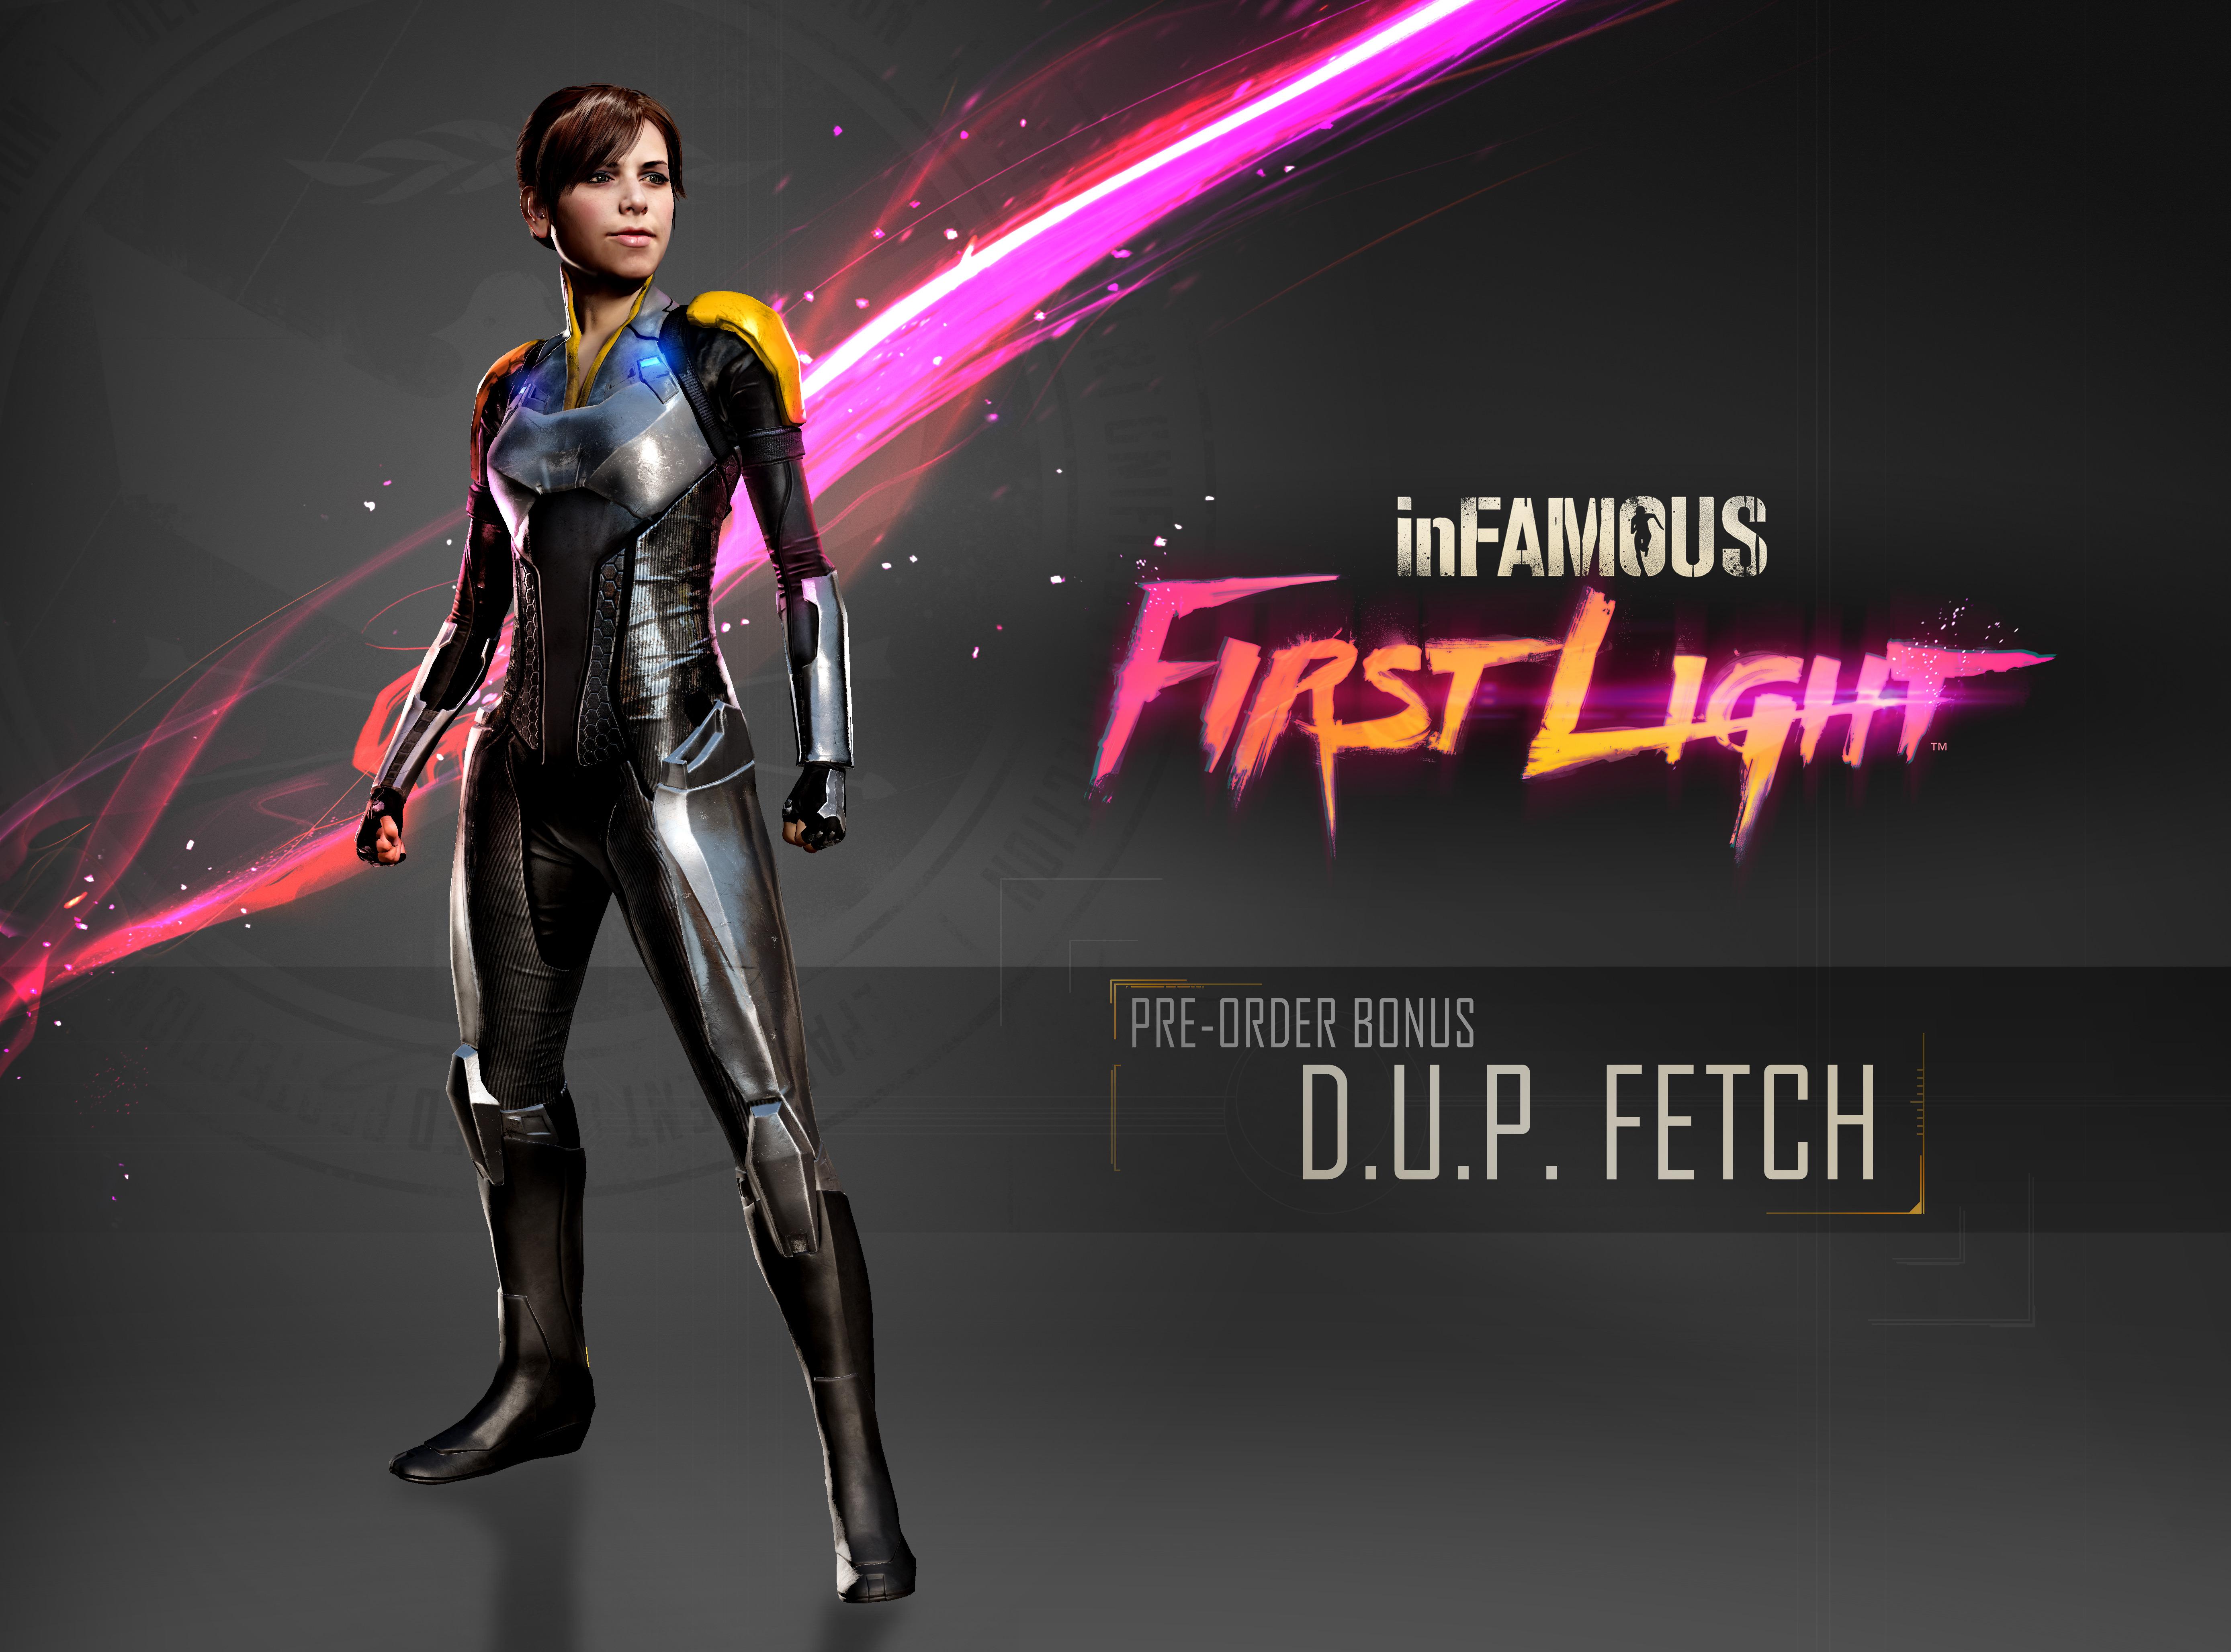 Gamescom 2014-infamous-first-light